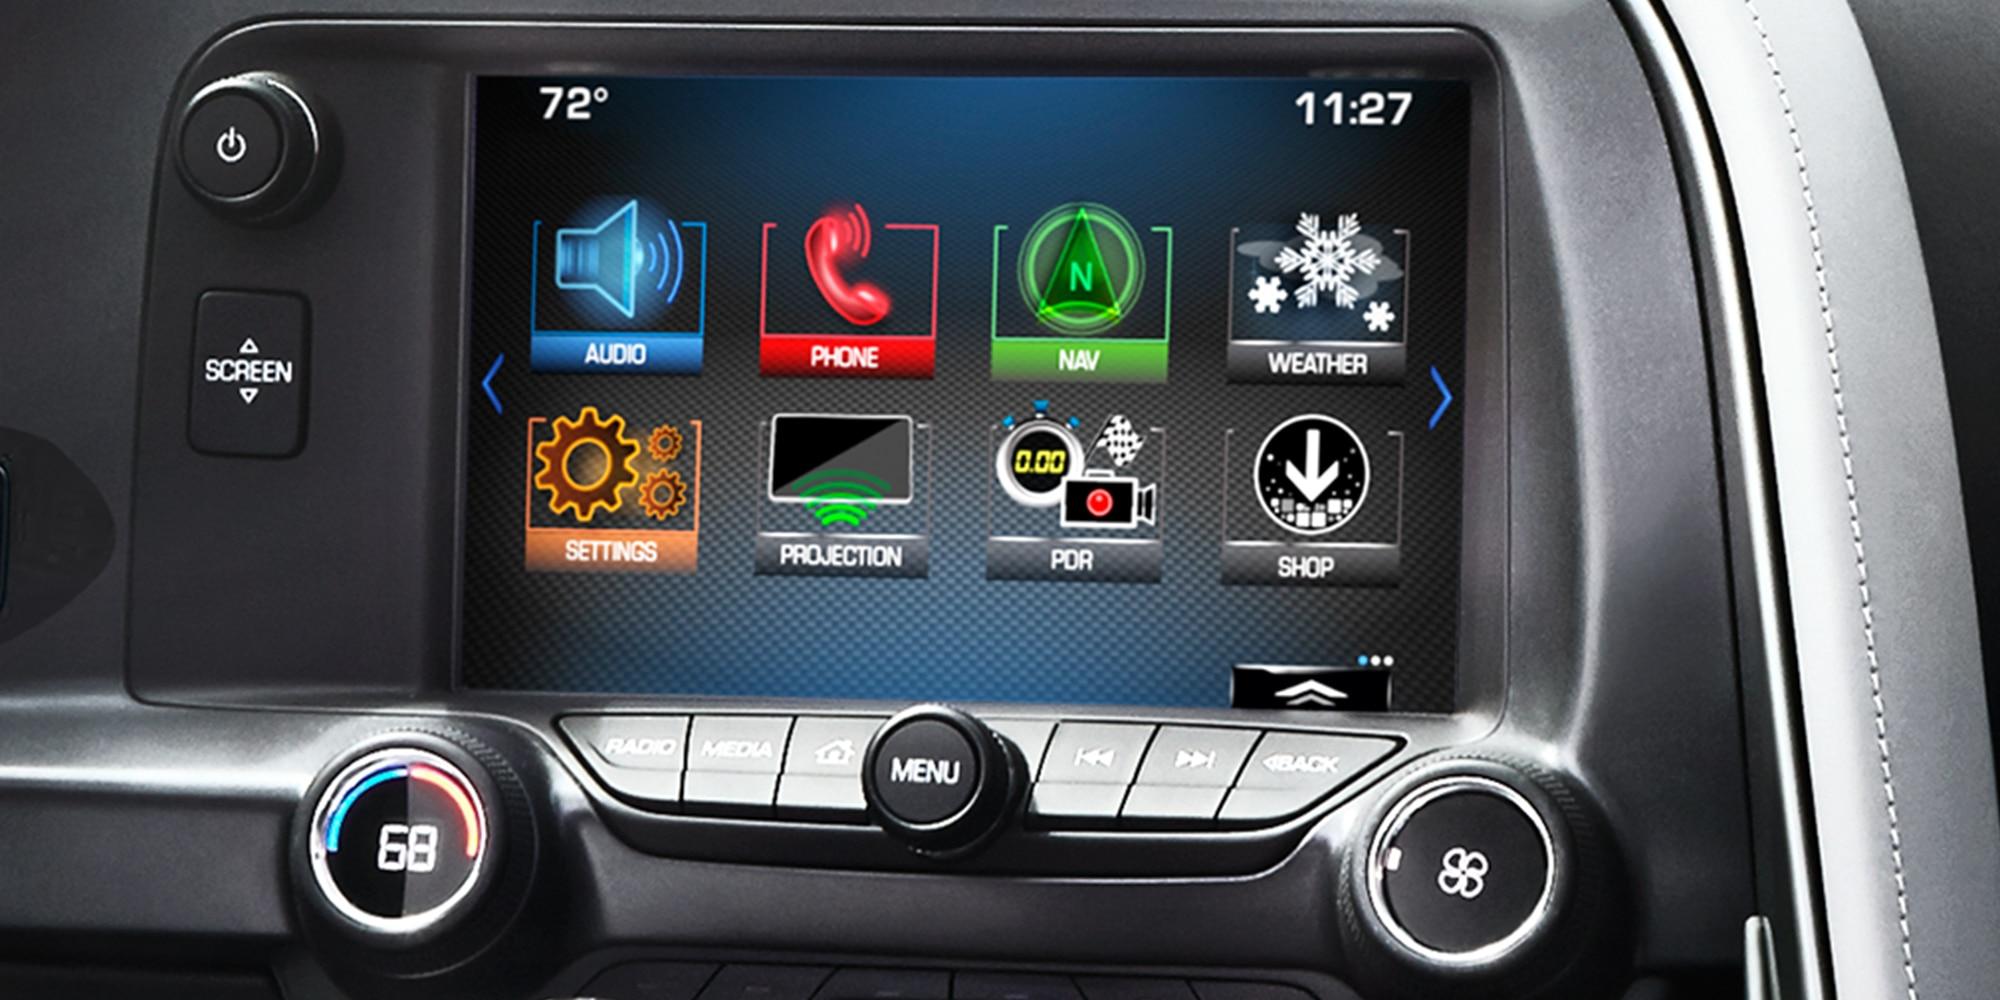 Tecnología del auto deportivo Corvette Z06 2019: radio MyLink con pantalla táctil en color